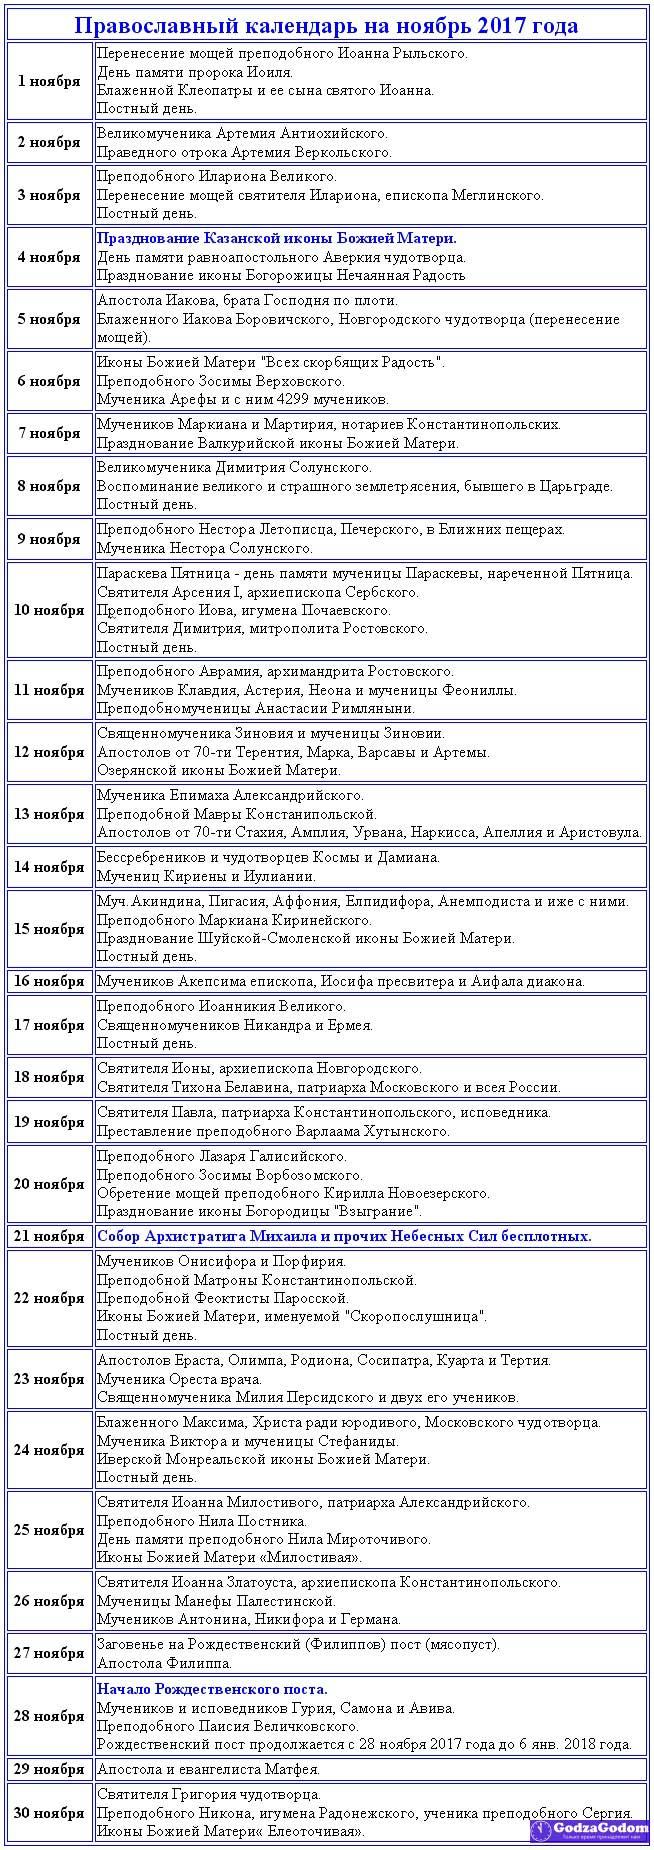 Зарплата медиков в 2019 году в России. Последние новости